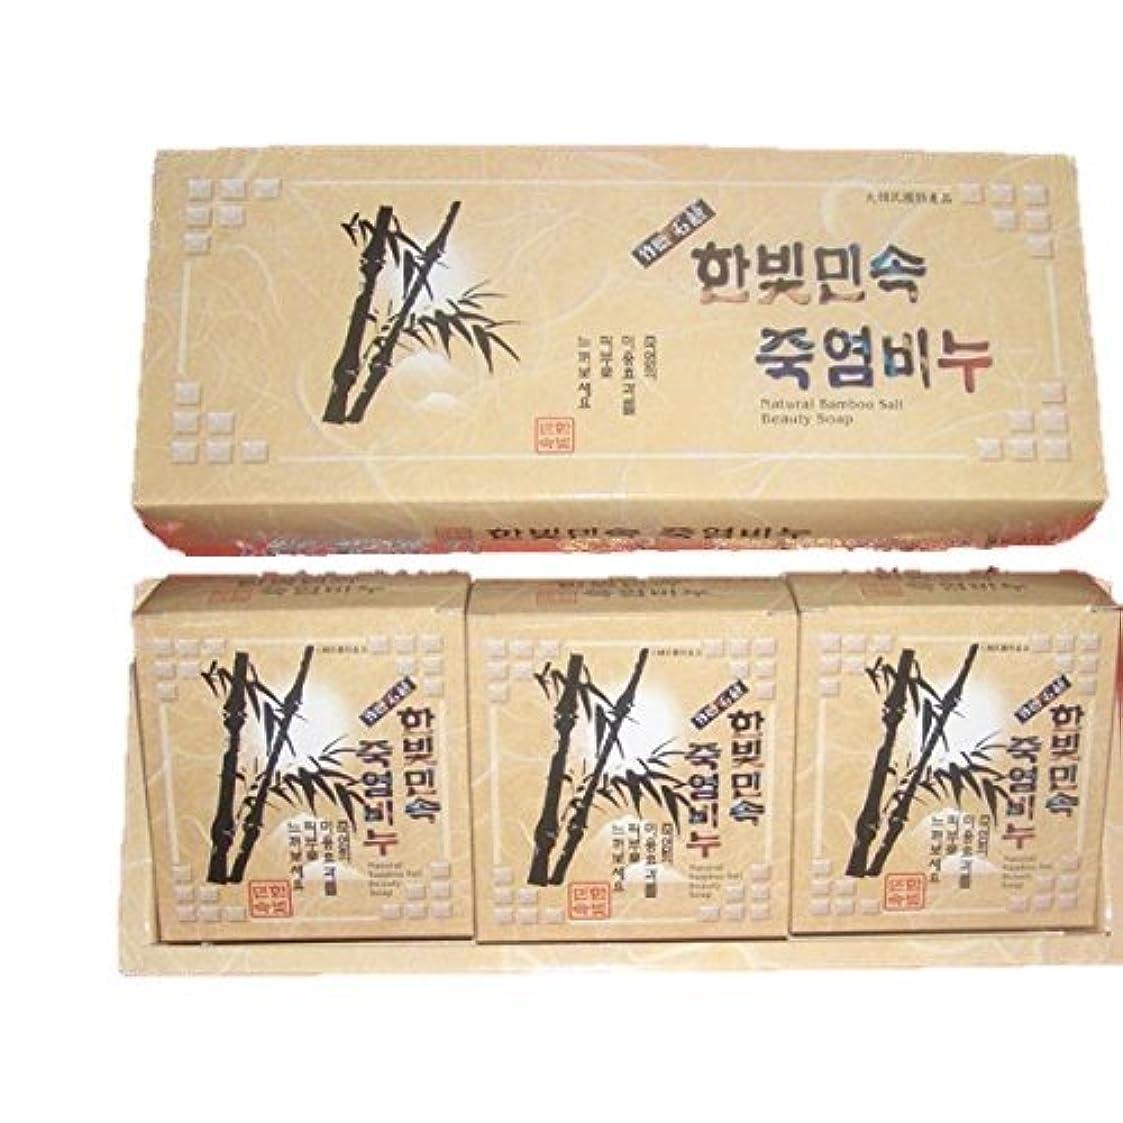 保存涙が出るマウントバンク(韓国ブランド) 竹塩石鹸 (3個×3セット)